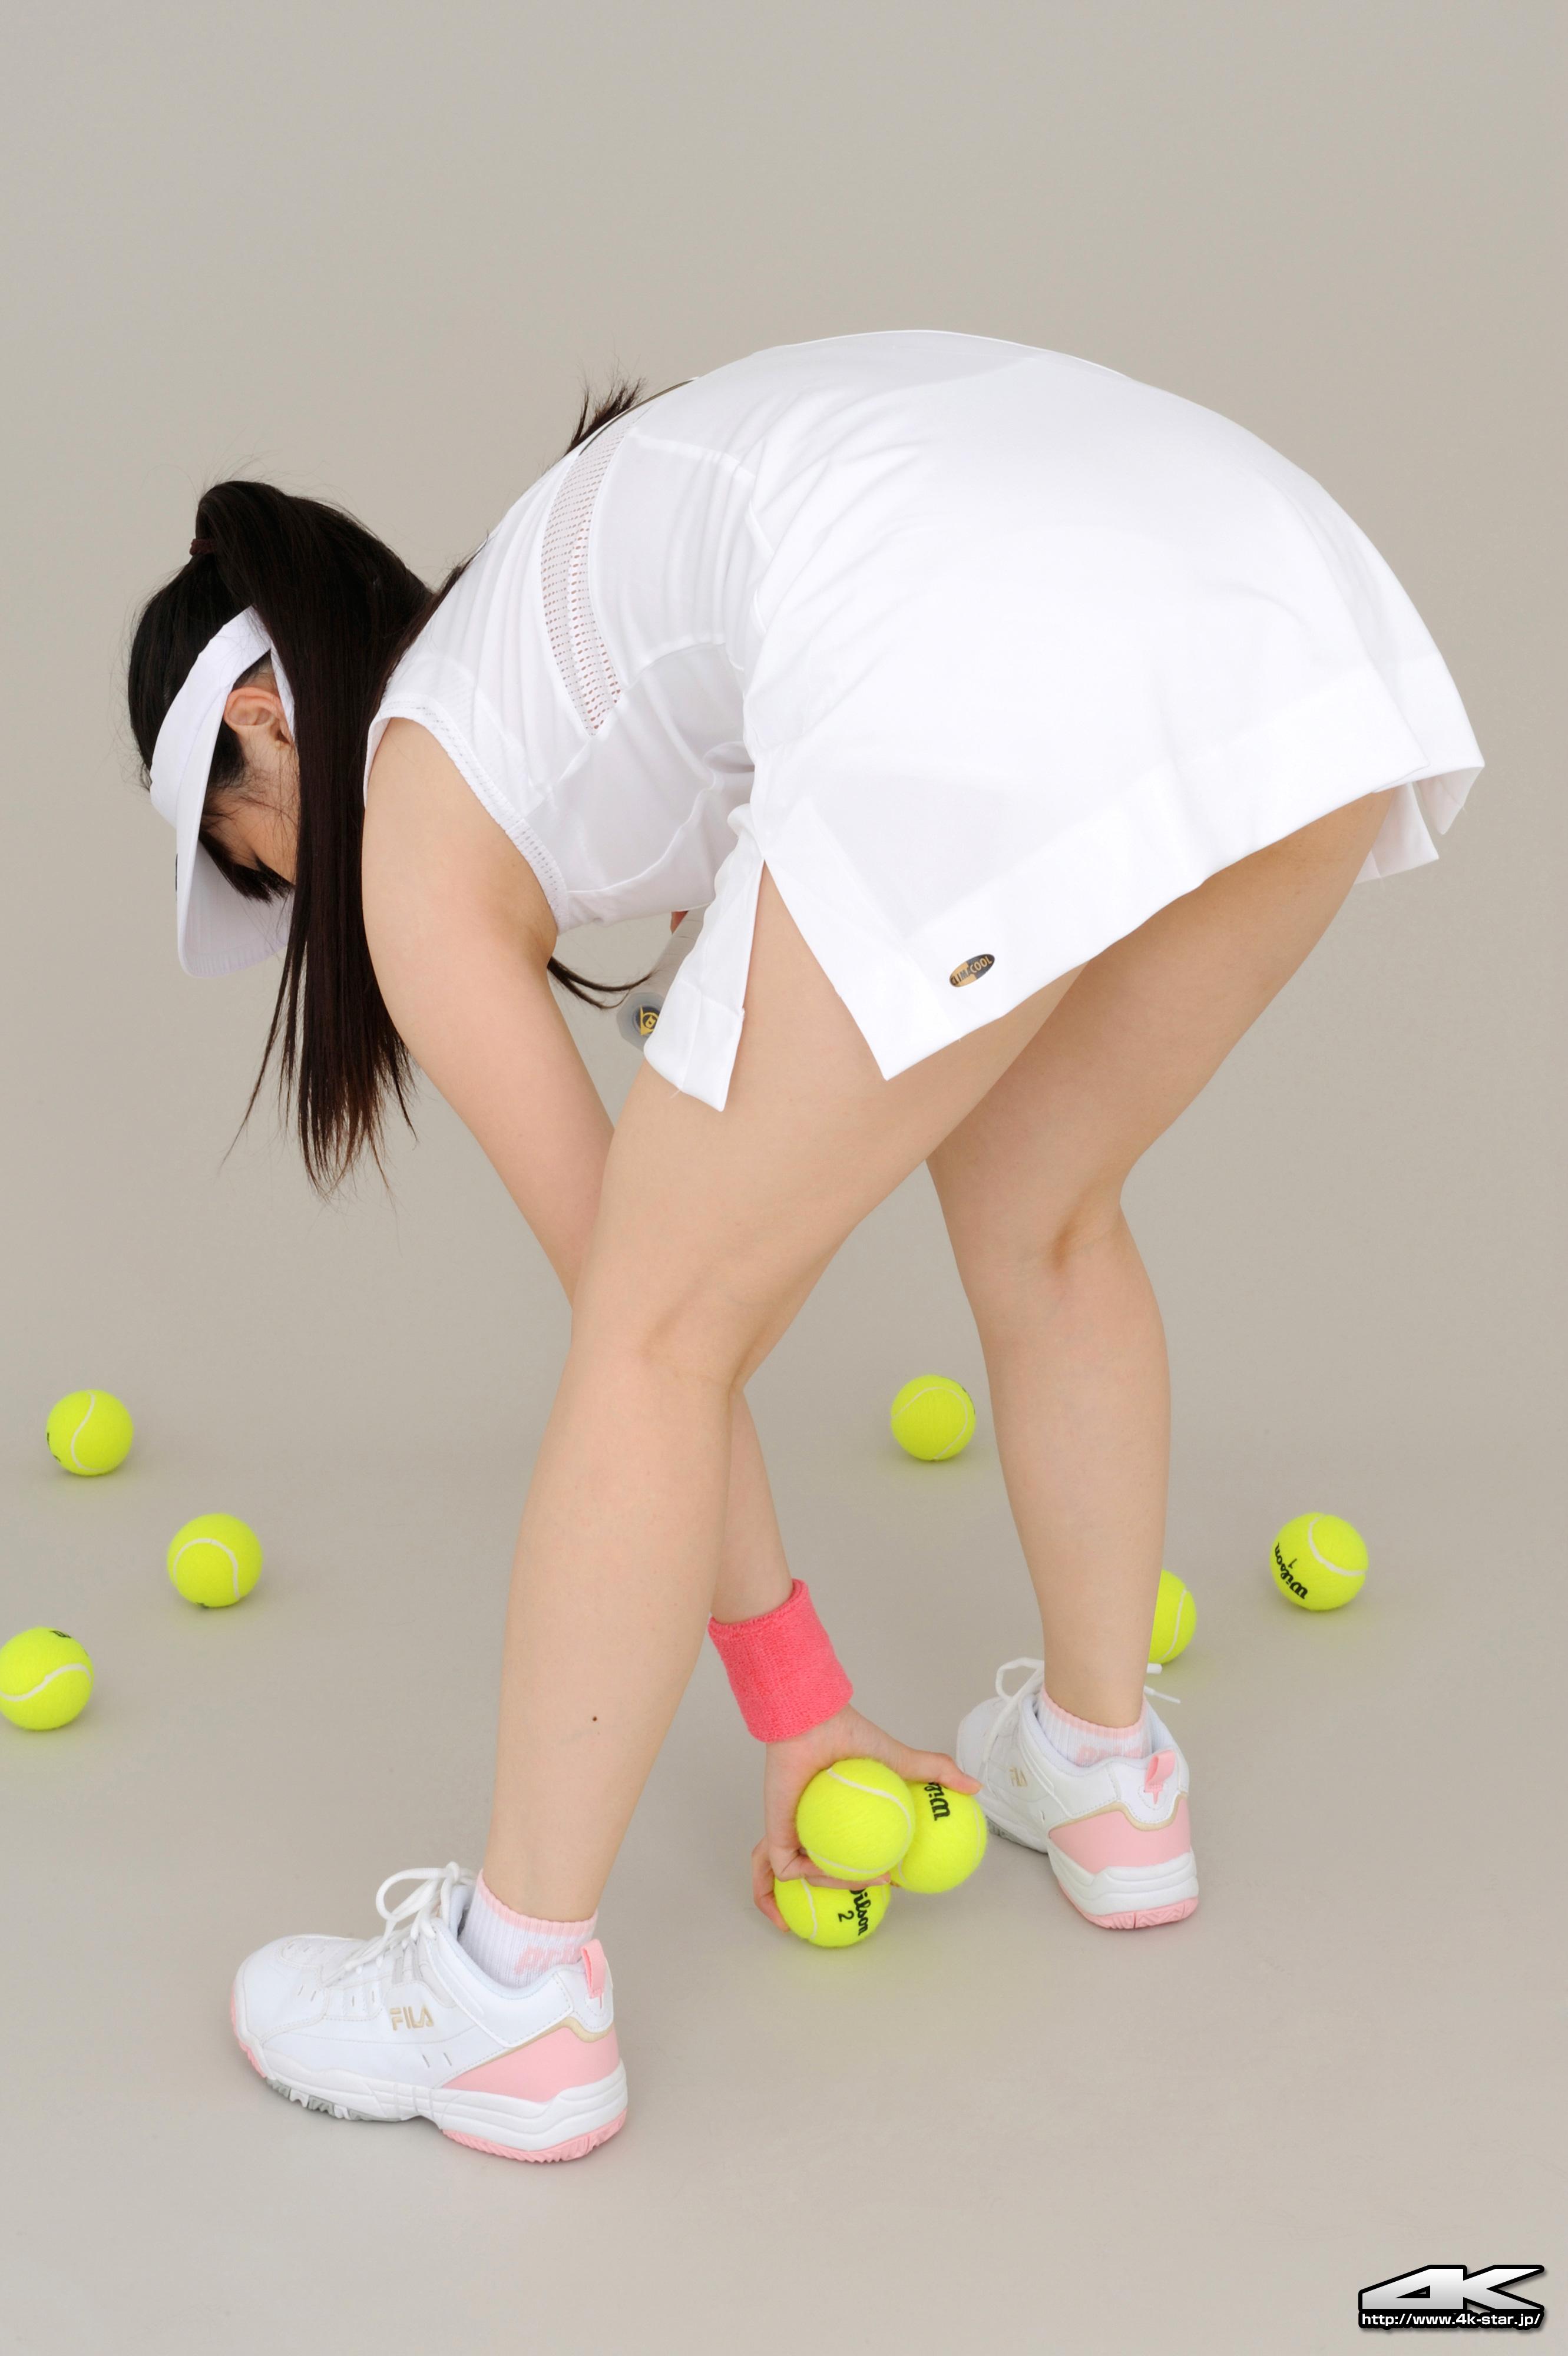 """886-jpg [4K-STAR] 2017-05-01 No.00886 Asuka """"Karuizawa tennis club 2"""" 「軽井沢テニス倶楽部2」 [160.5 Mb]"""